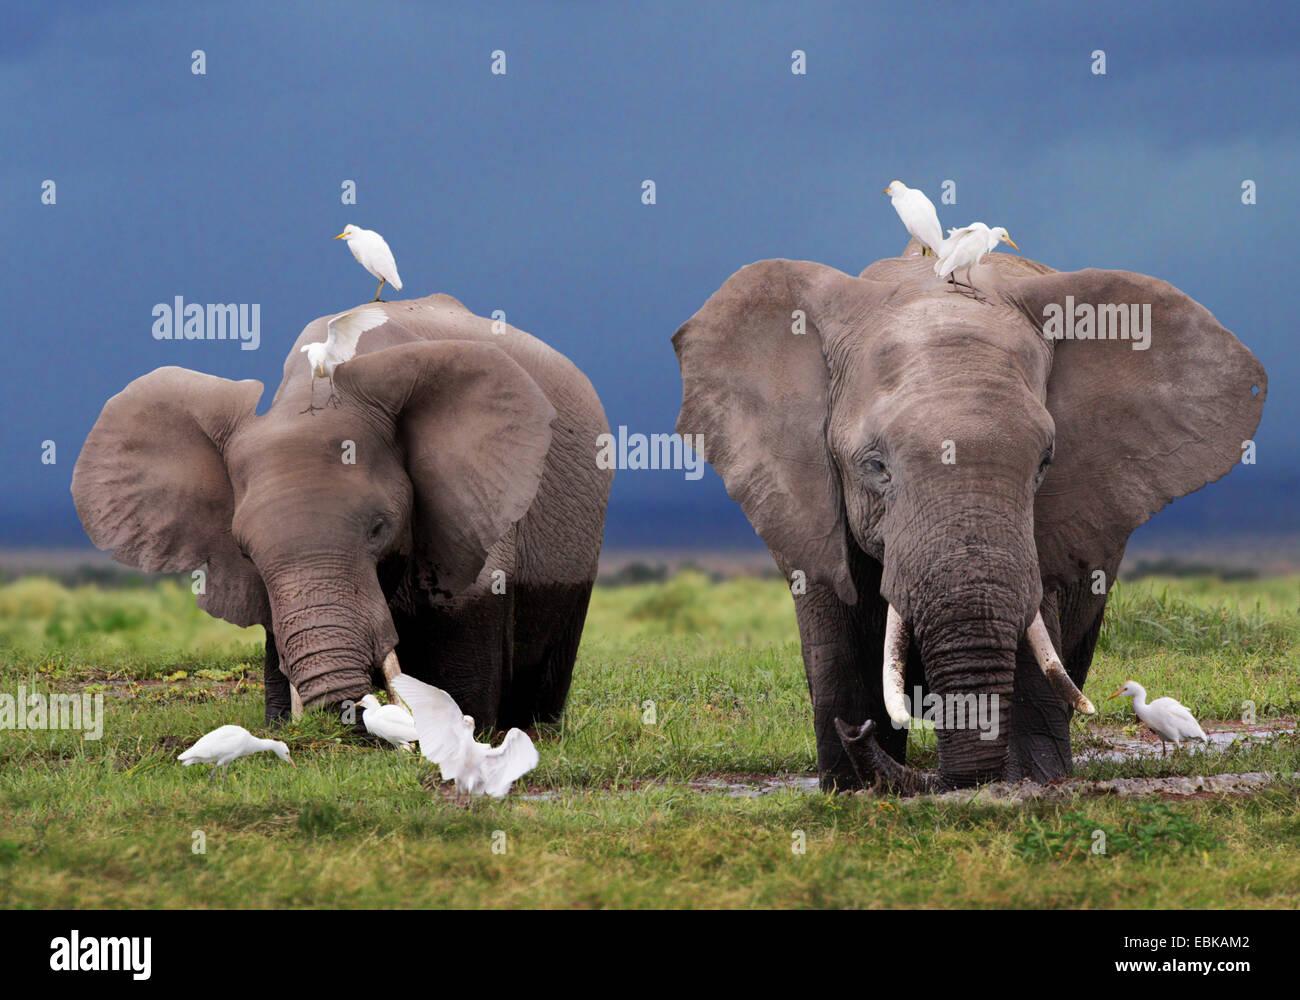 African elephant (Loxodonta africana), two elephants at feeding in swamp, Kenya, Amboseli National Park - Stock Image